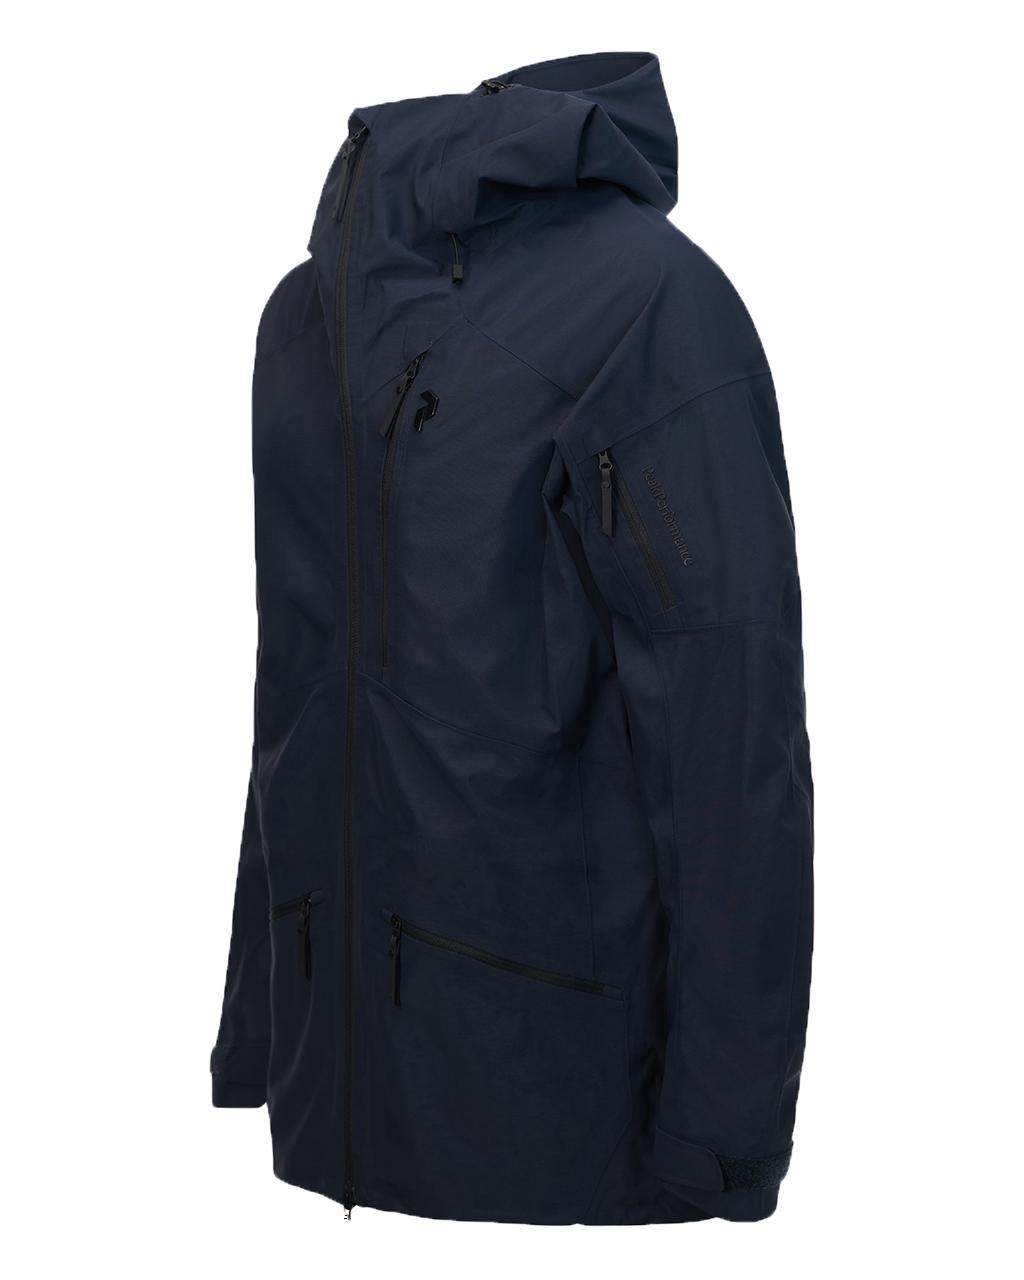 Radical Jacket M Salute Blue